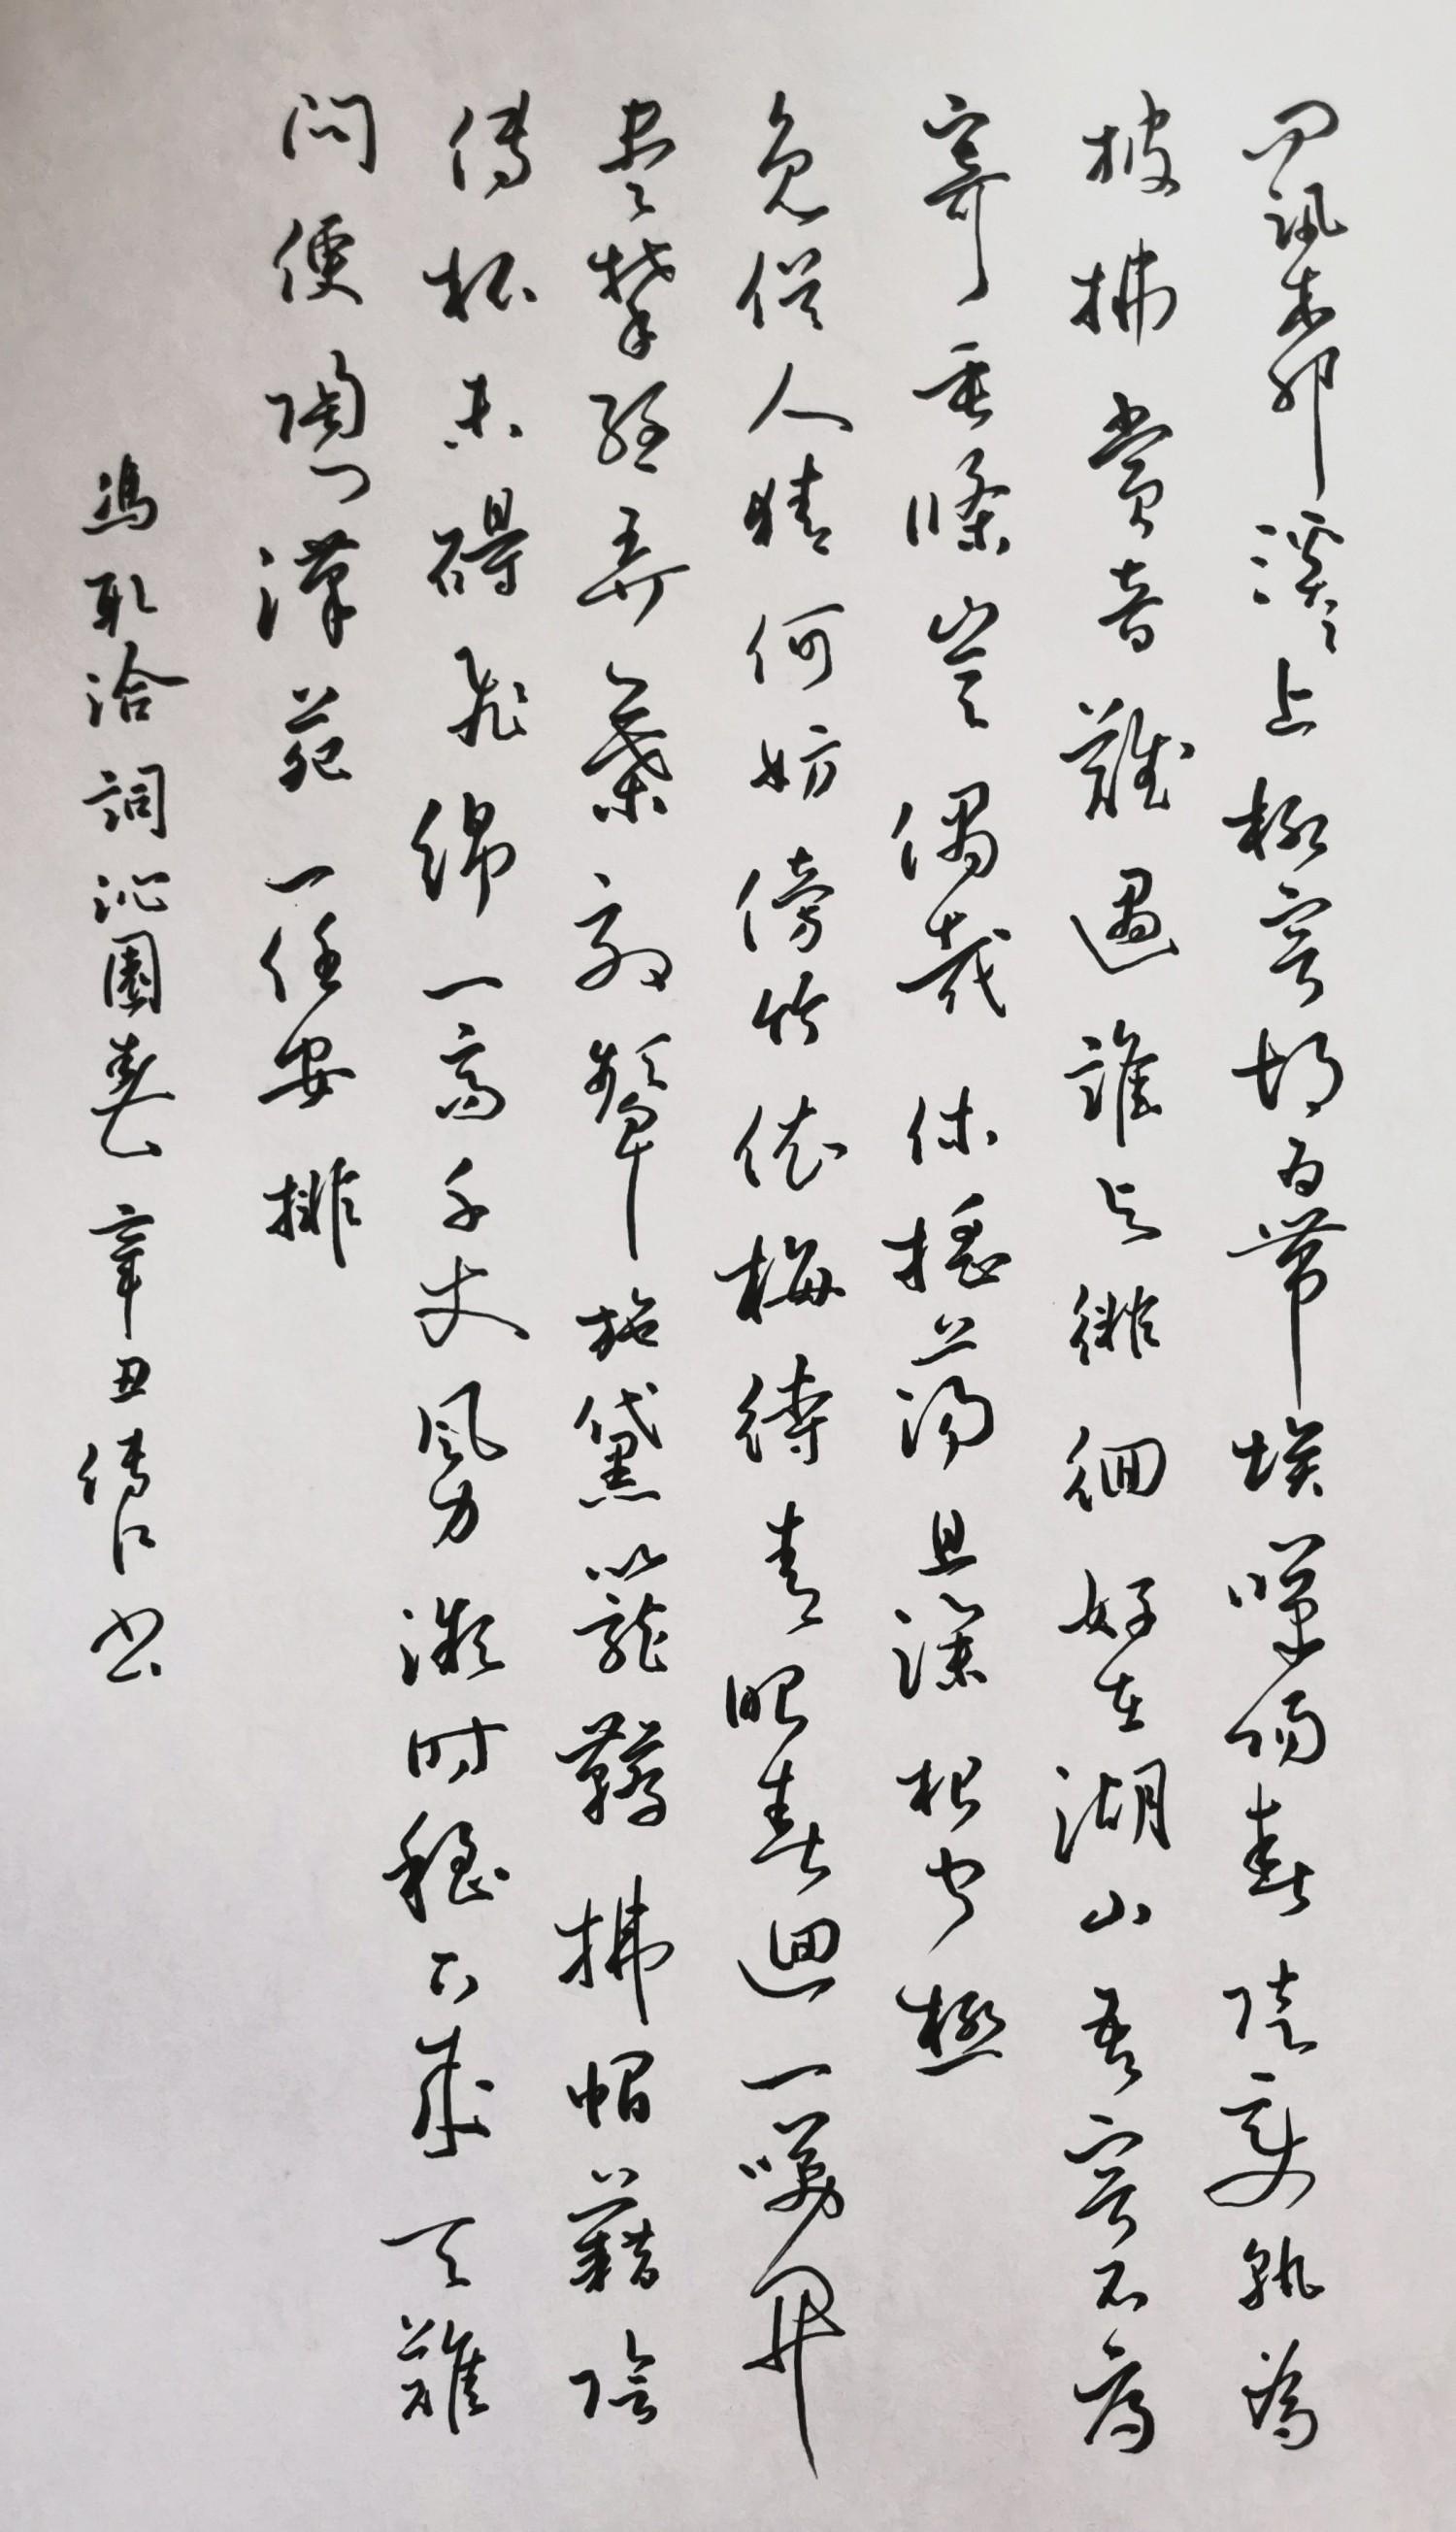 钢笔爱好者练字打卡20210302-16